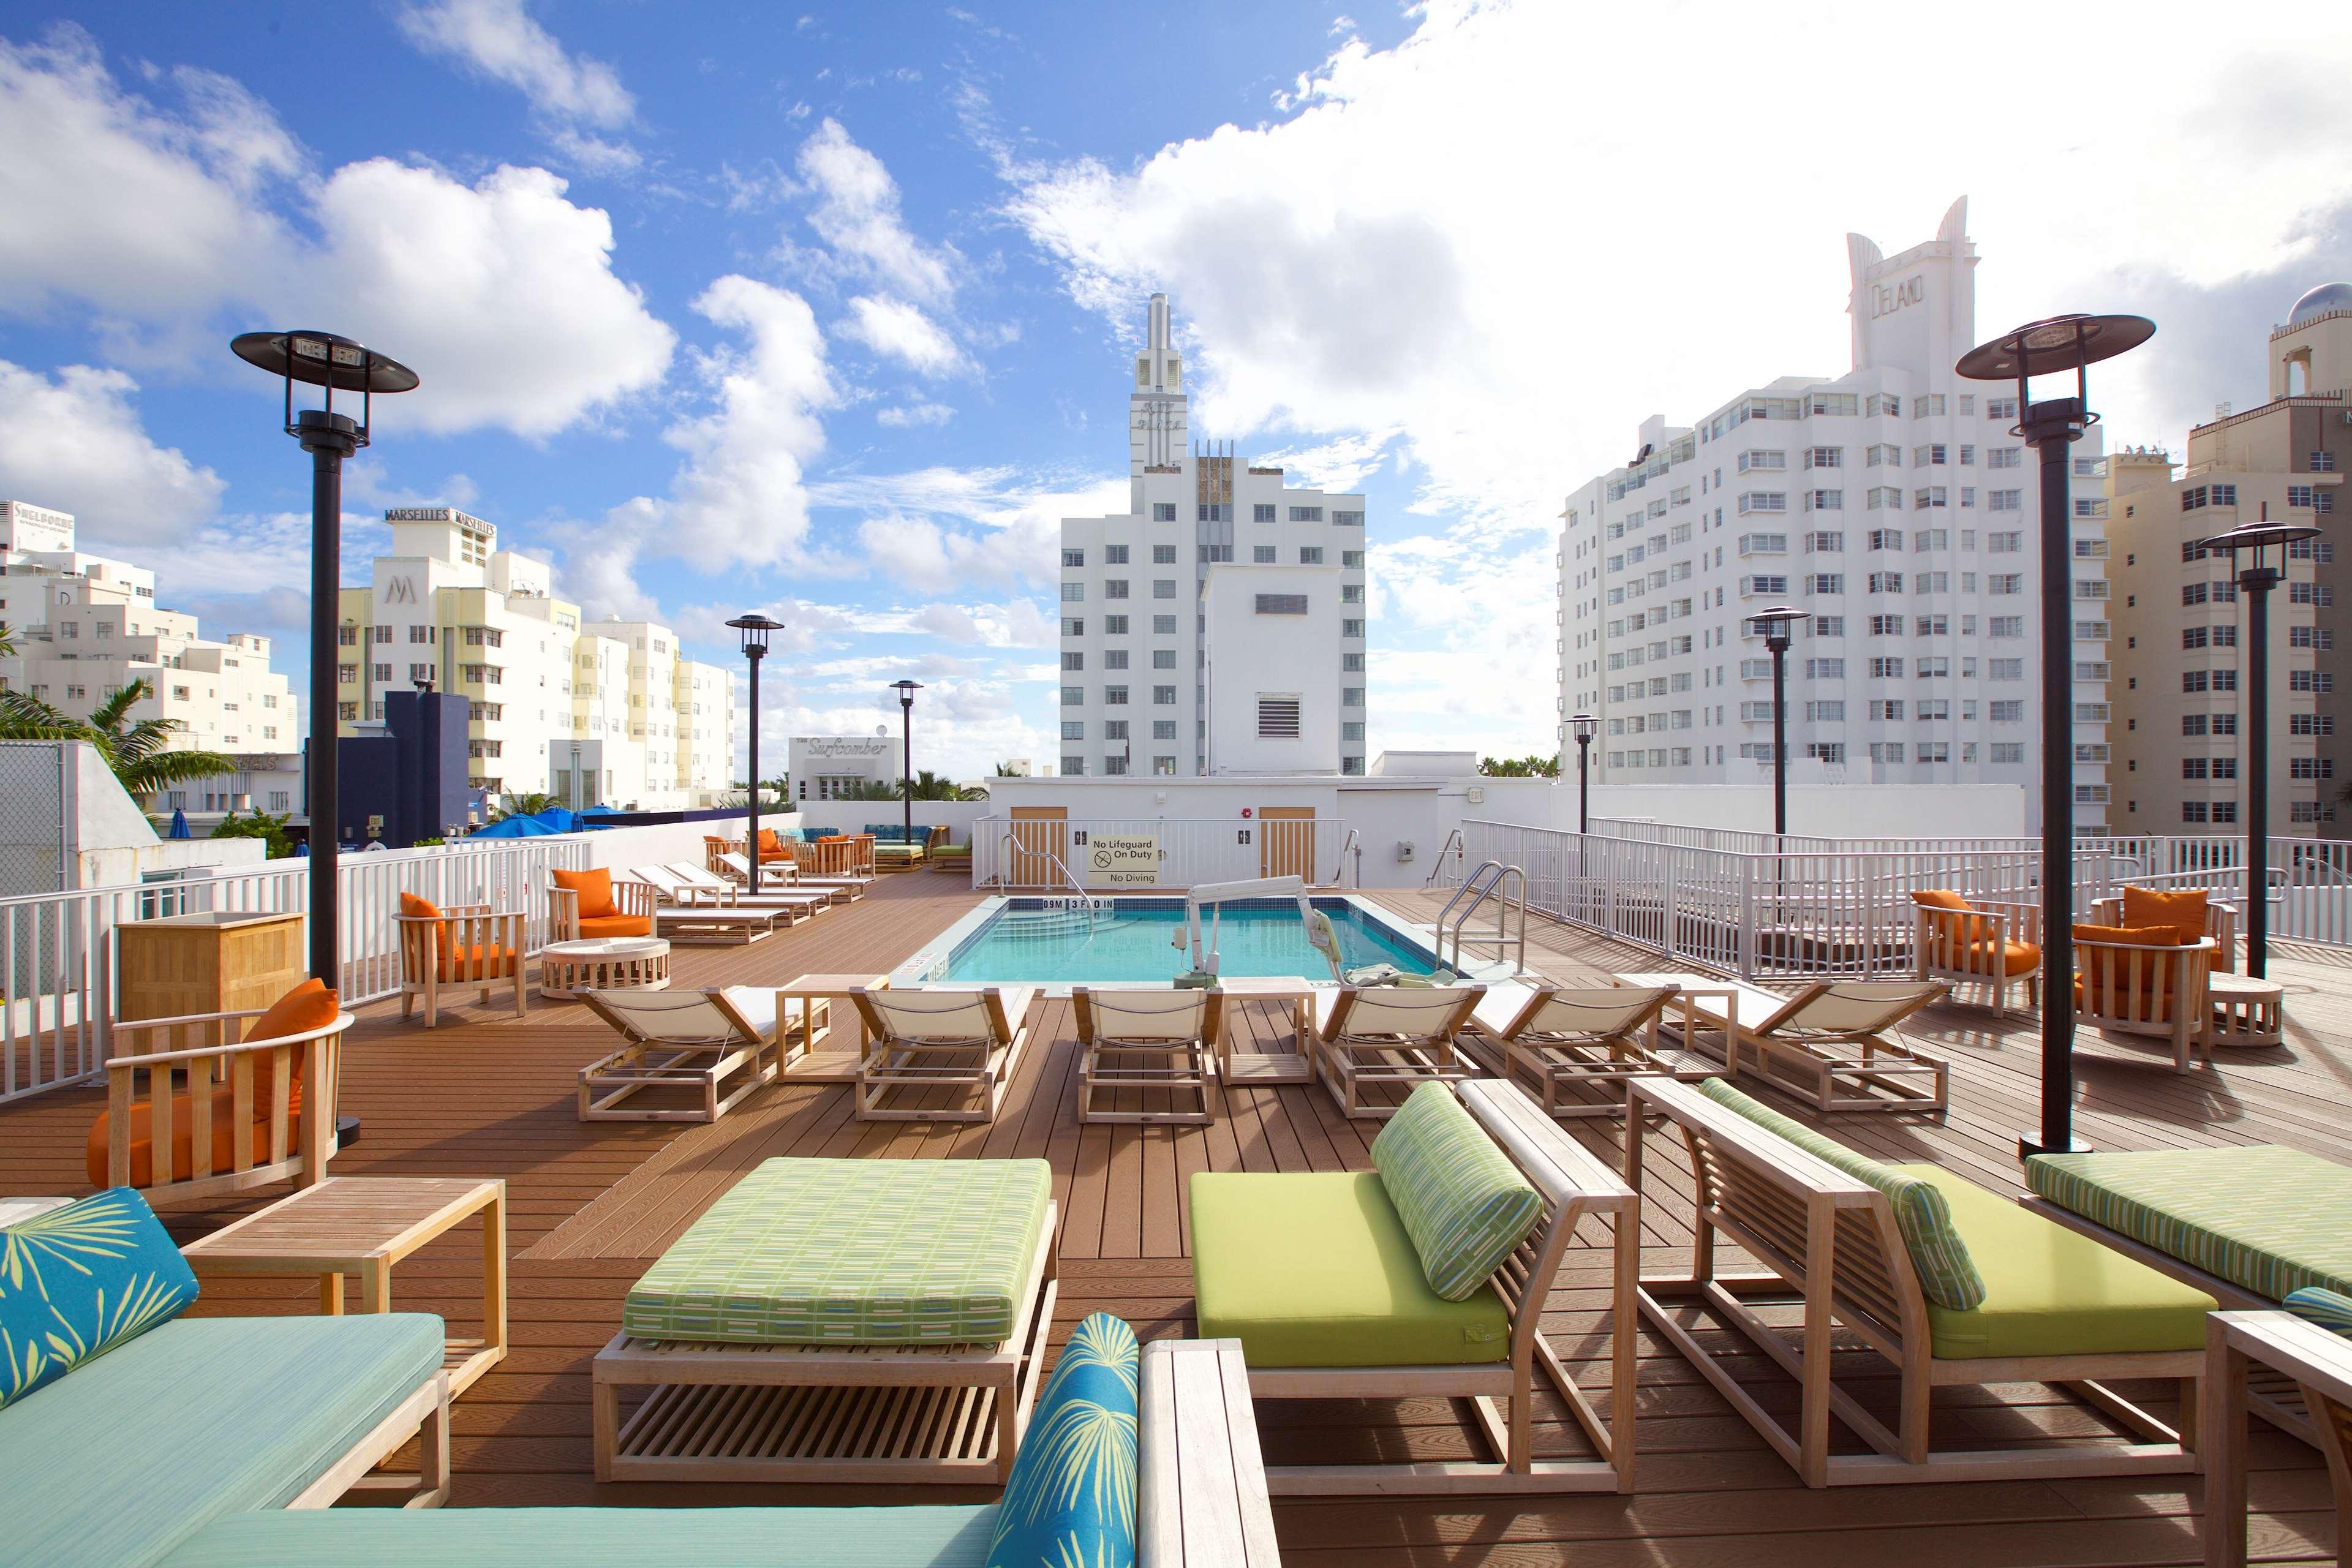 Hampton Inn Miami South Beach - 17th Street image 14